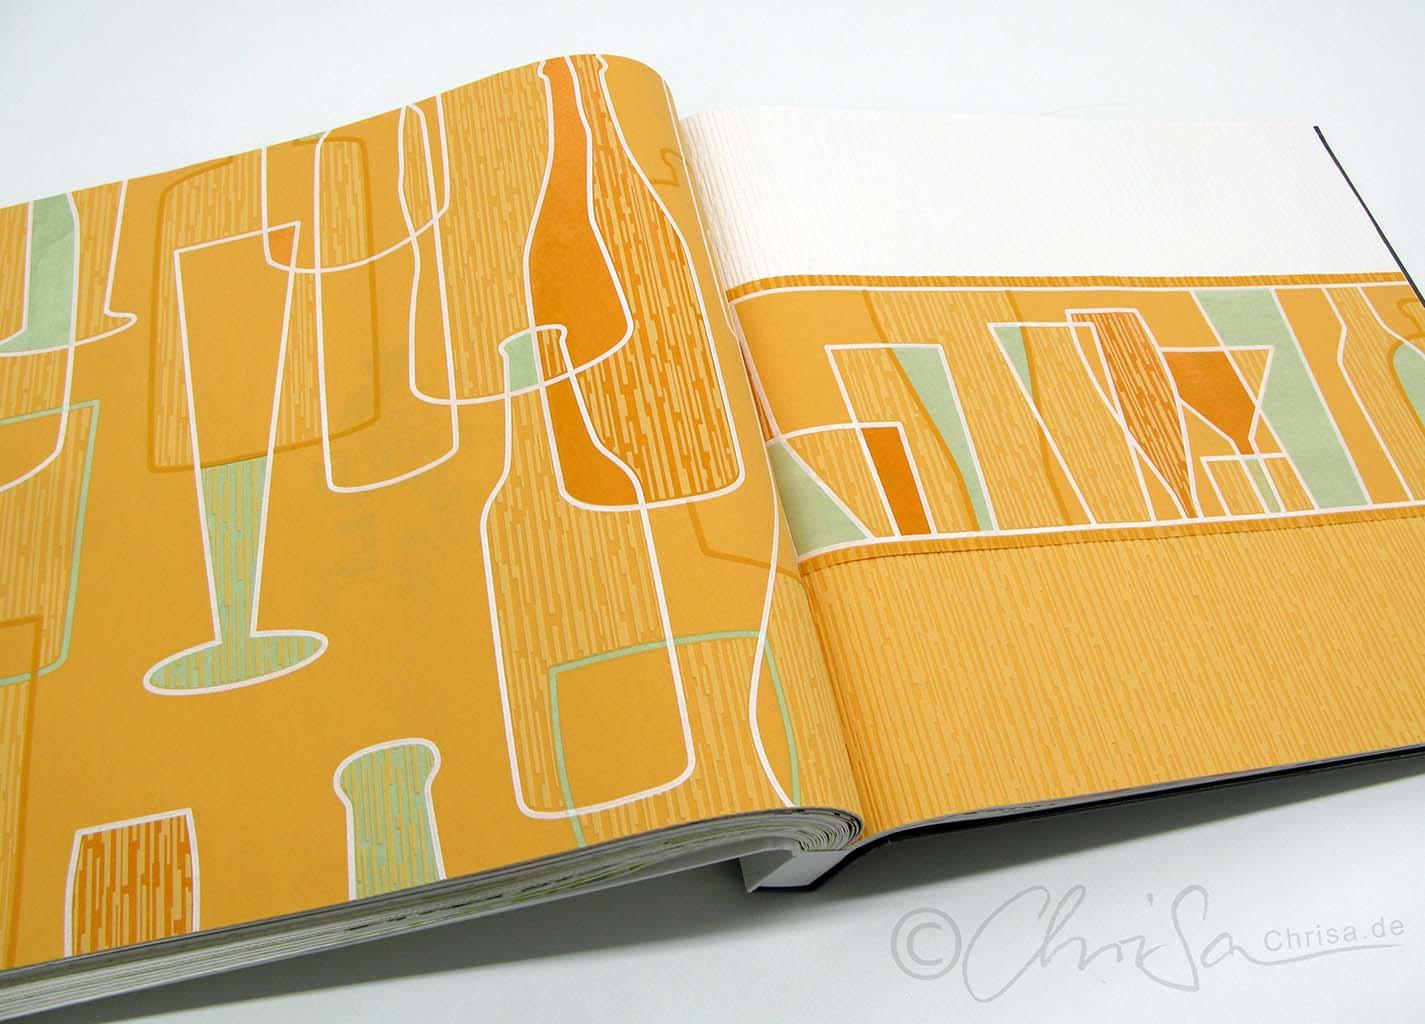 Hans christian sanladerer tapeten design for Tapeten design